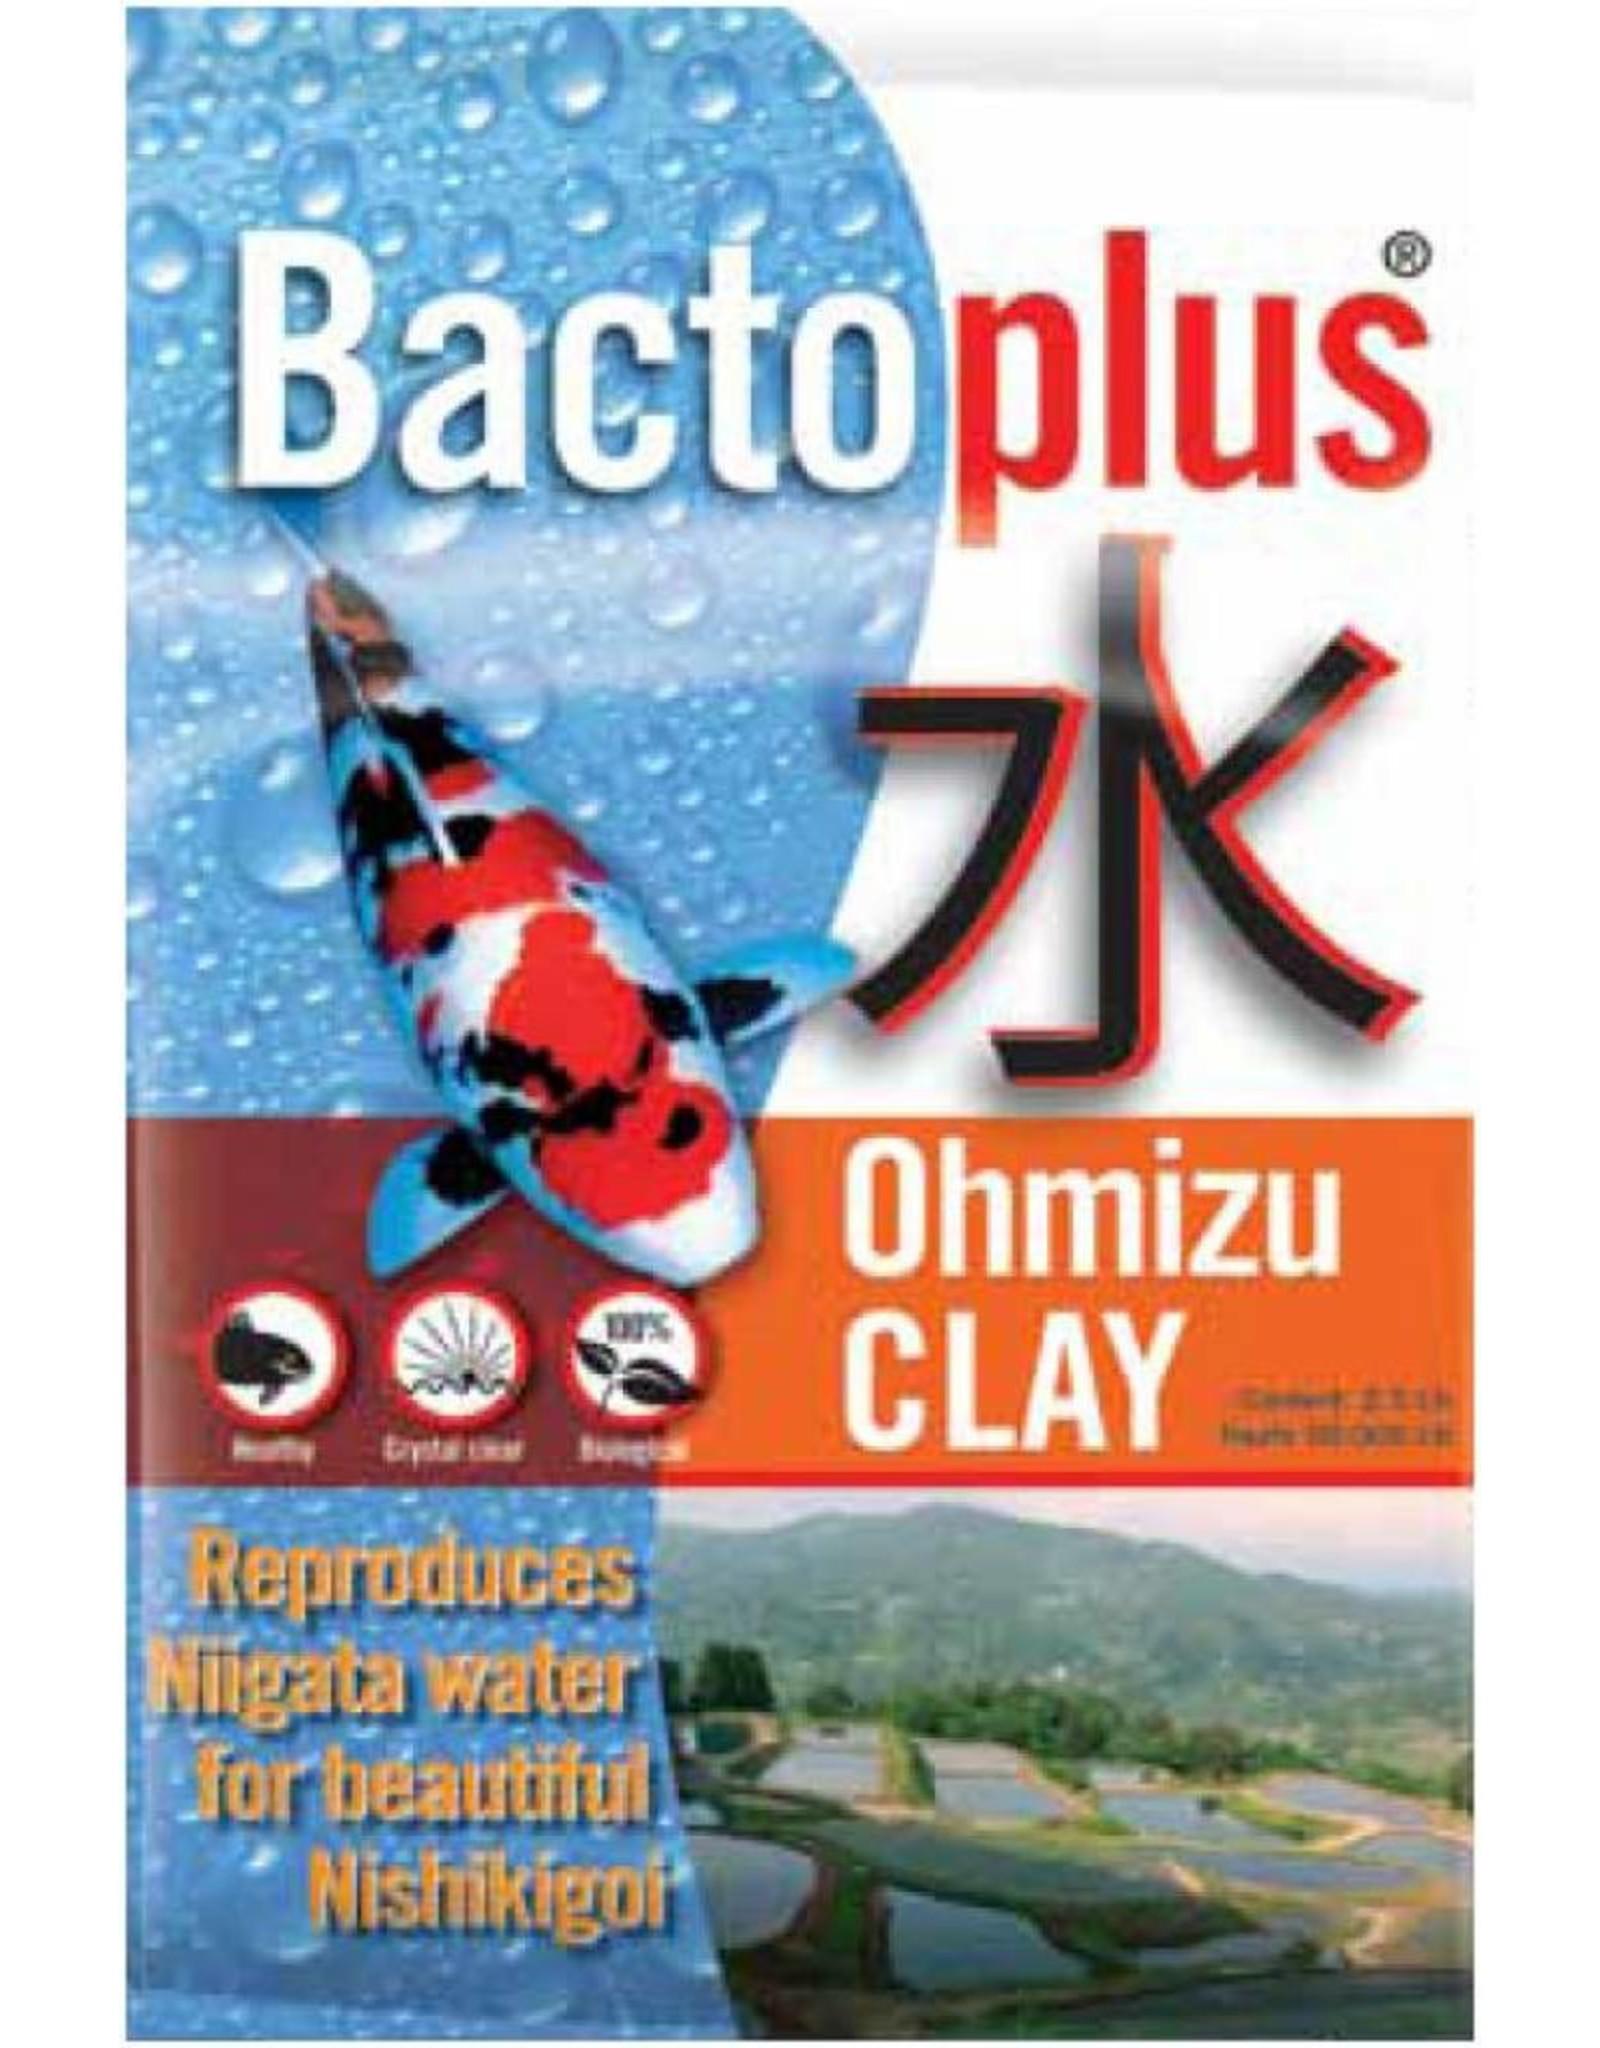 Bactoplus Ohmizu Clay. Het geheim voor fantastisch water uit Japan.